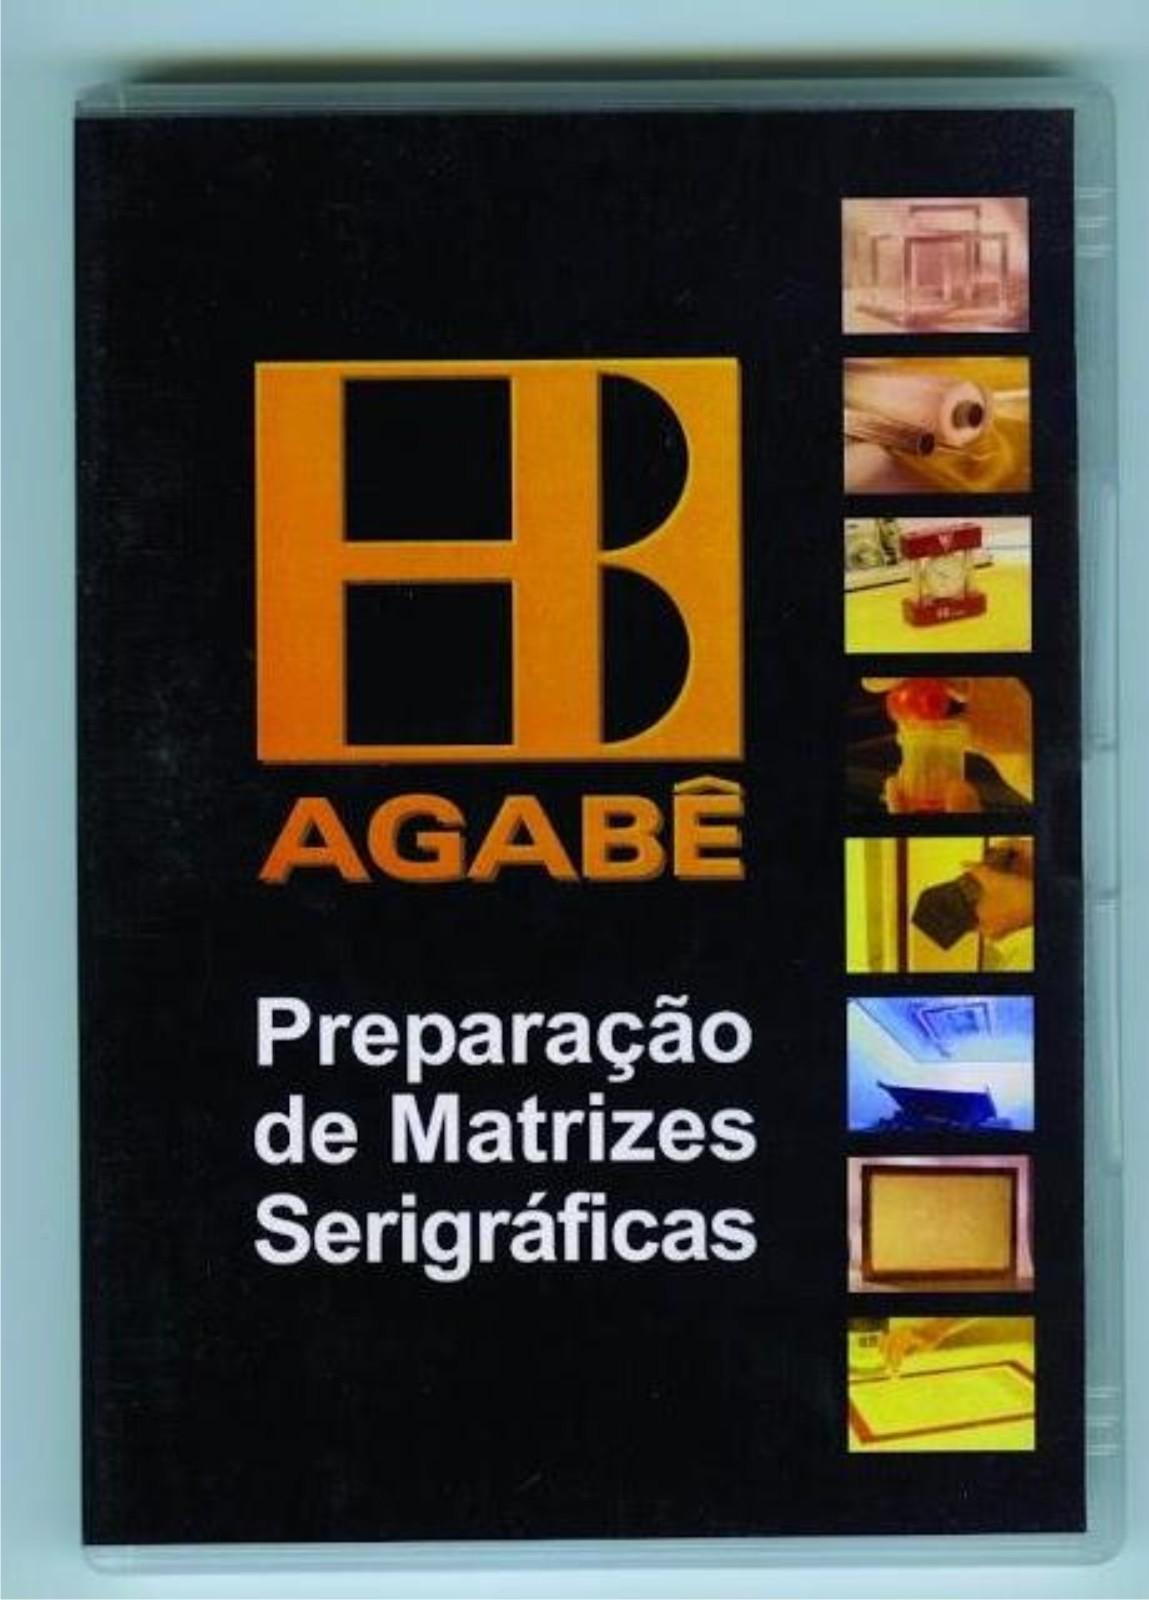 Aprenda a preparar matrizes serigráficas com qualidade